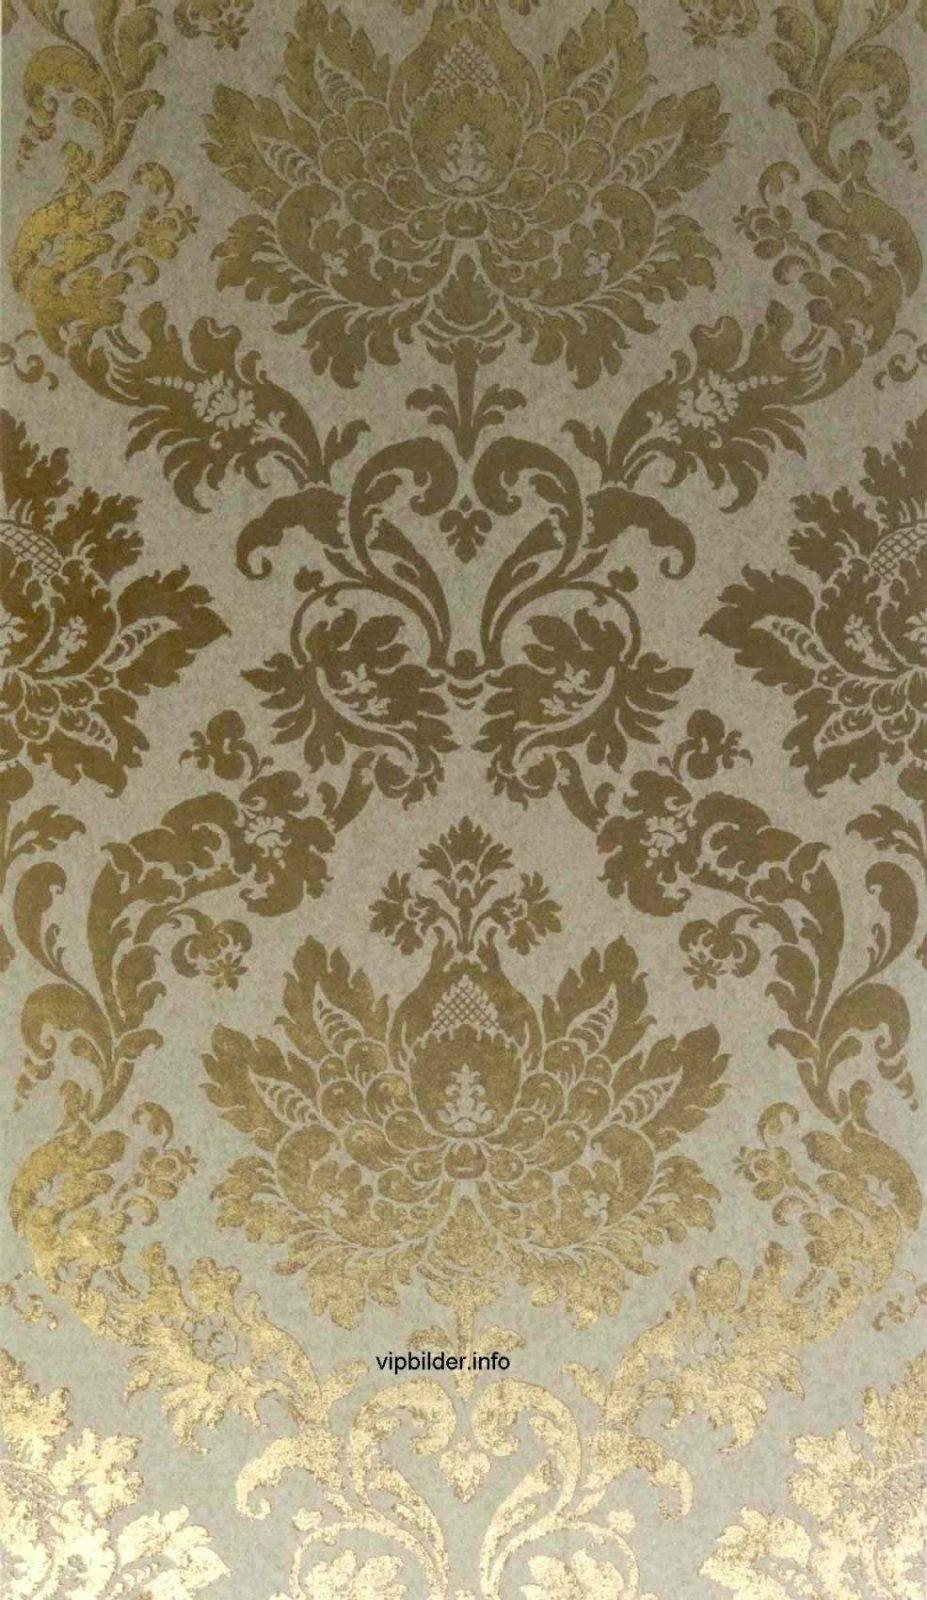 Lovely Barock Tapeten Neo Barock Tapete Gold Metallic Online Kaufen von Barock Tapete Weiß Gold Bild